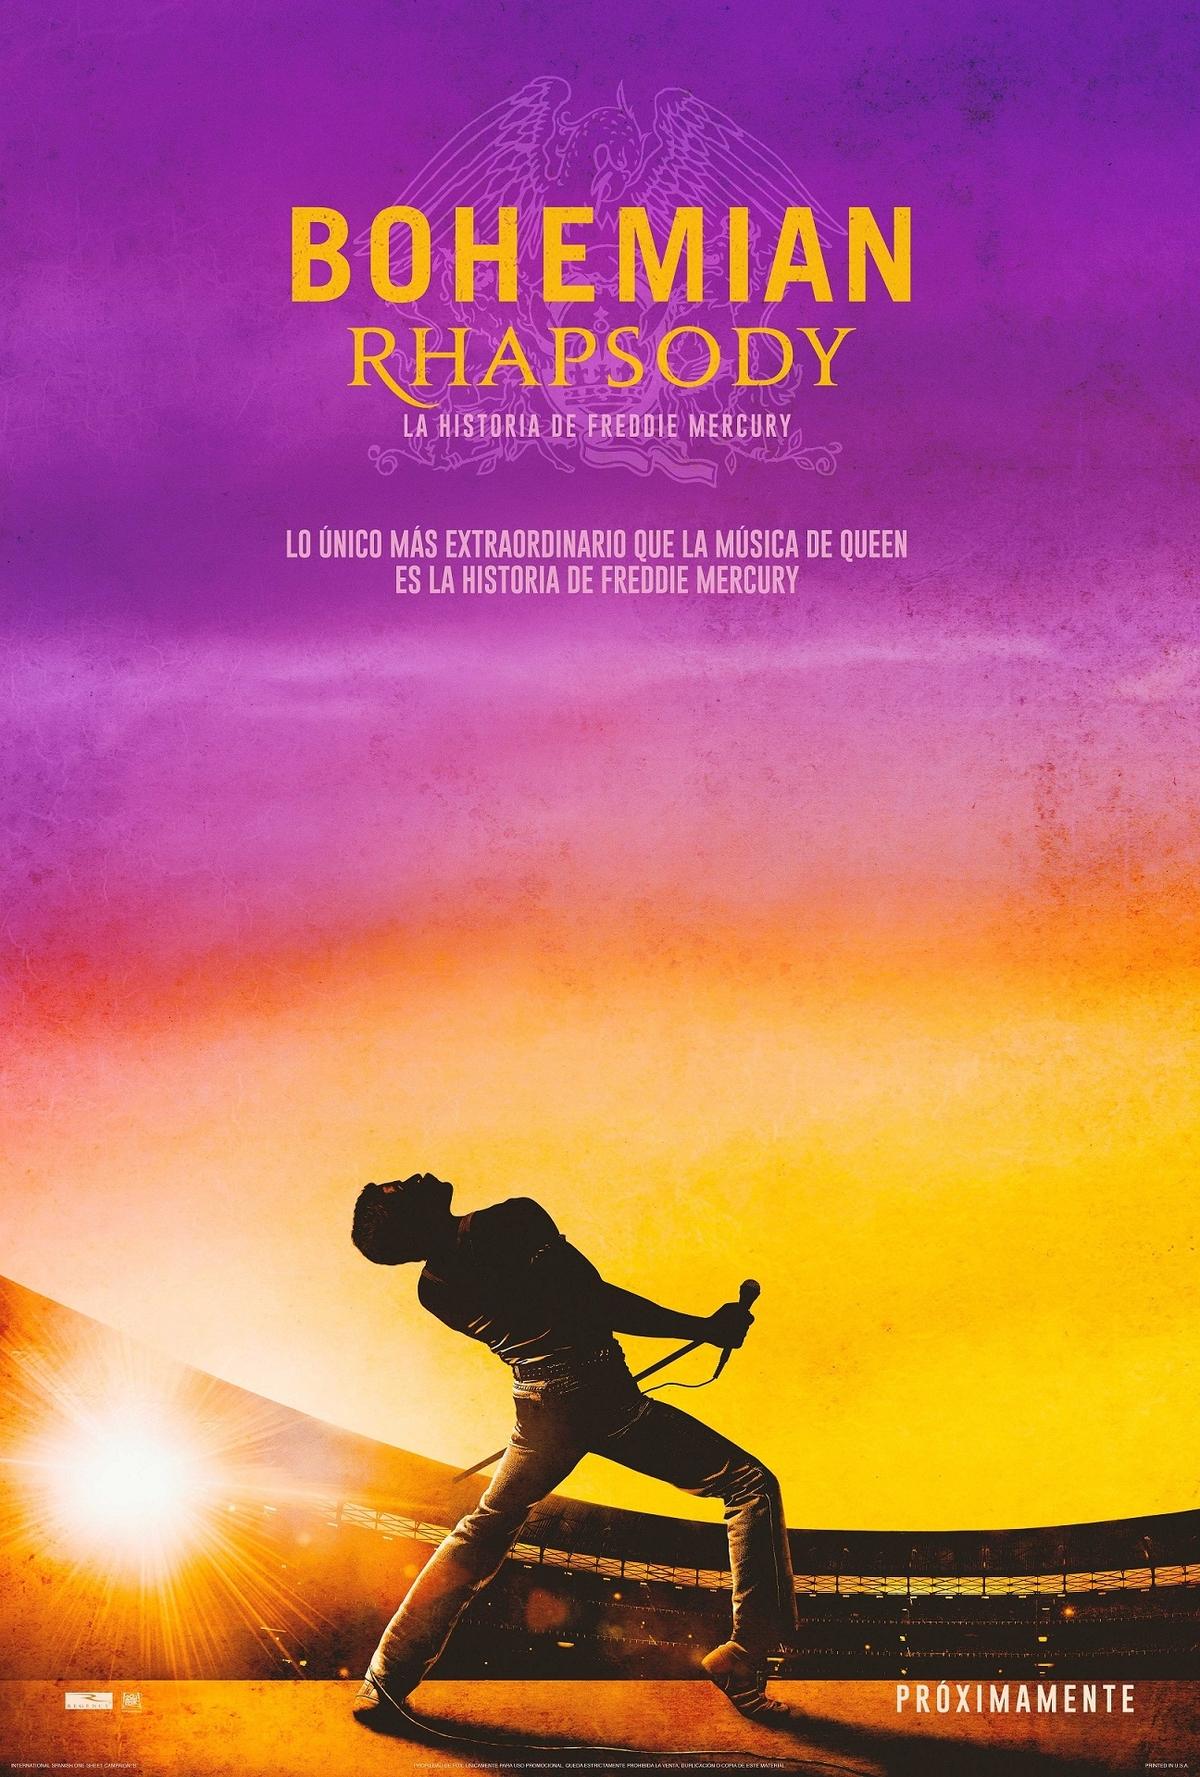 Nuevo Teaser Poster De Bohemian Rhapsody